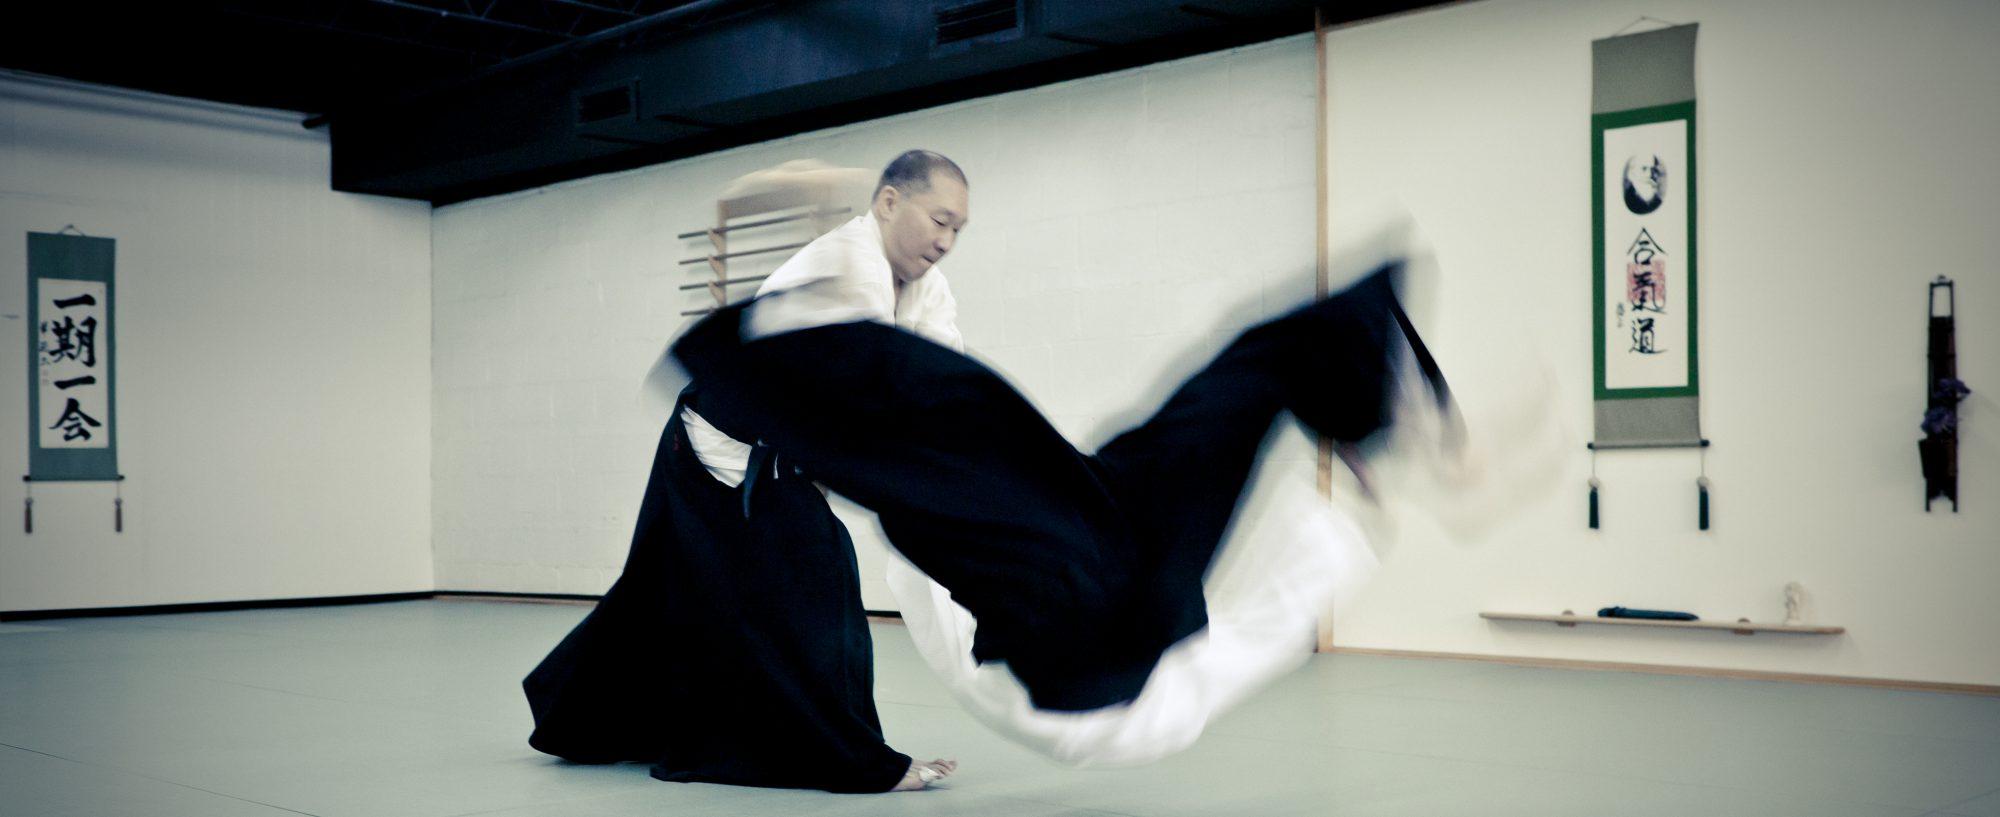 Kiku Matsu Dojo